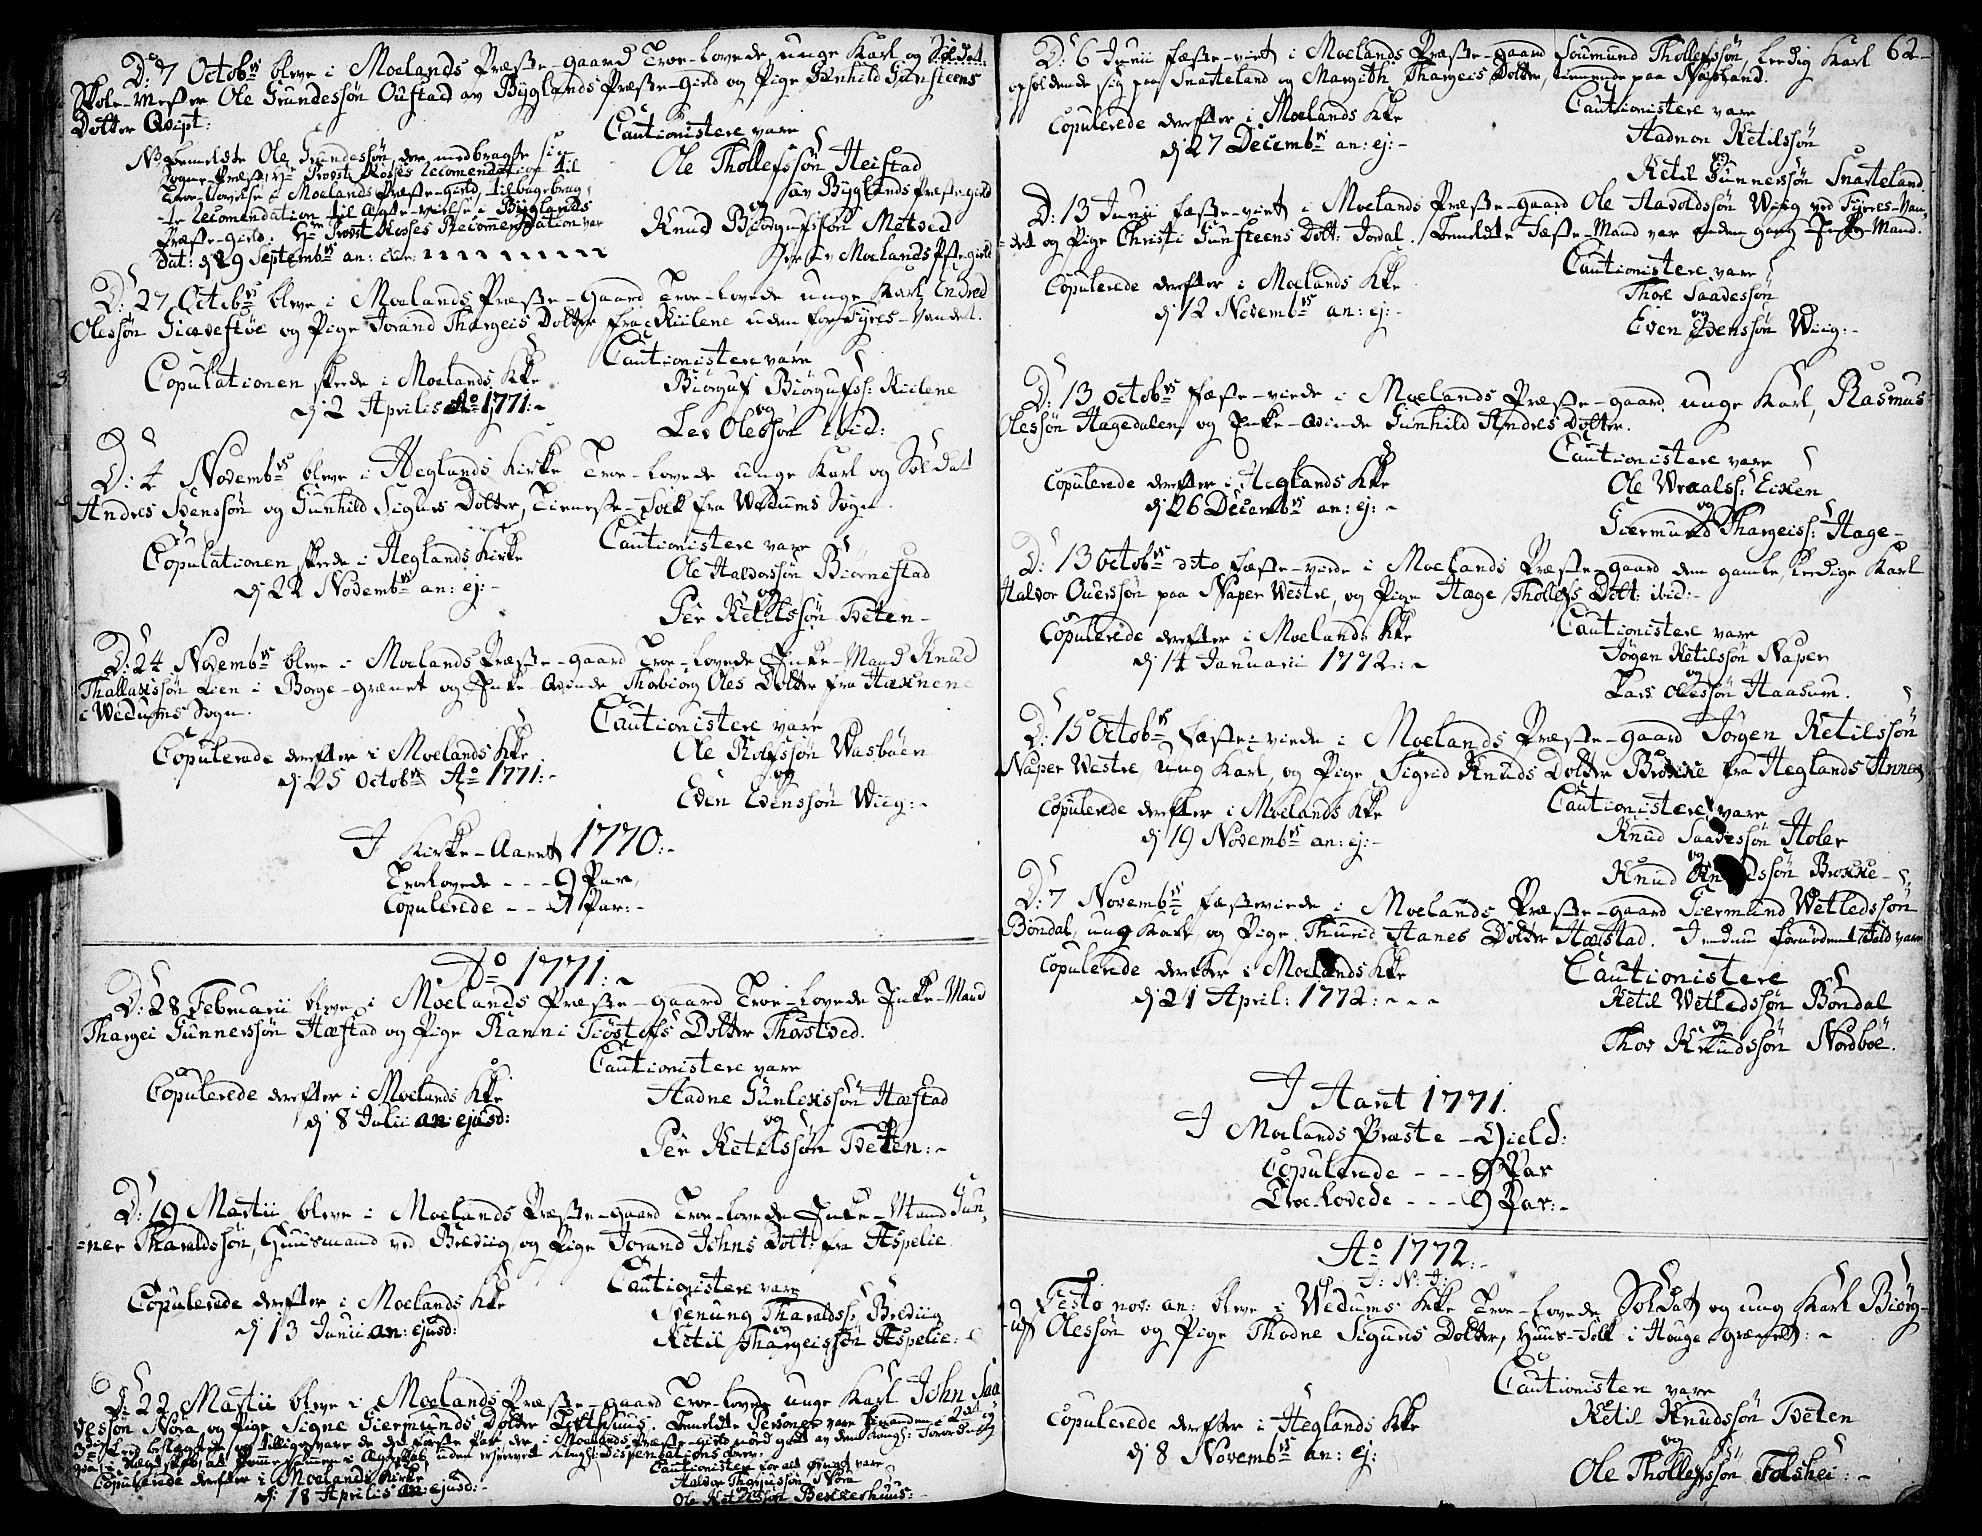 SAKO, Fyresdal kirkebøker, F/Fa/L0002: Ministerialbok nr. I 2, 1769-1814, s. 62